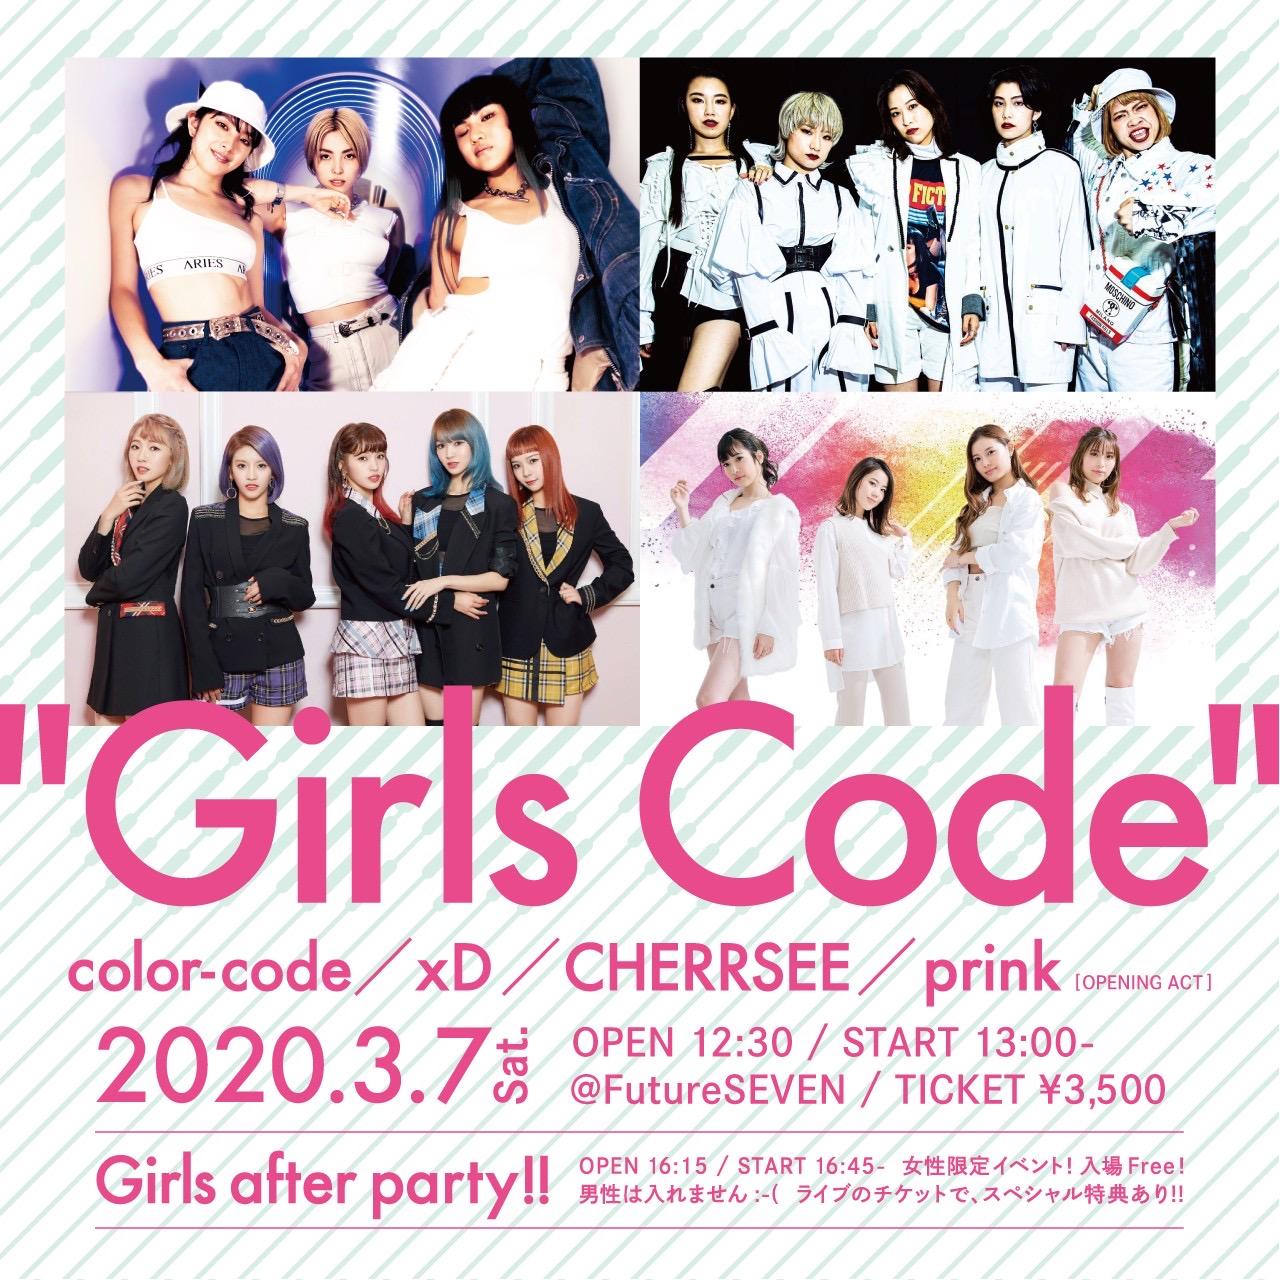 Girls Code